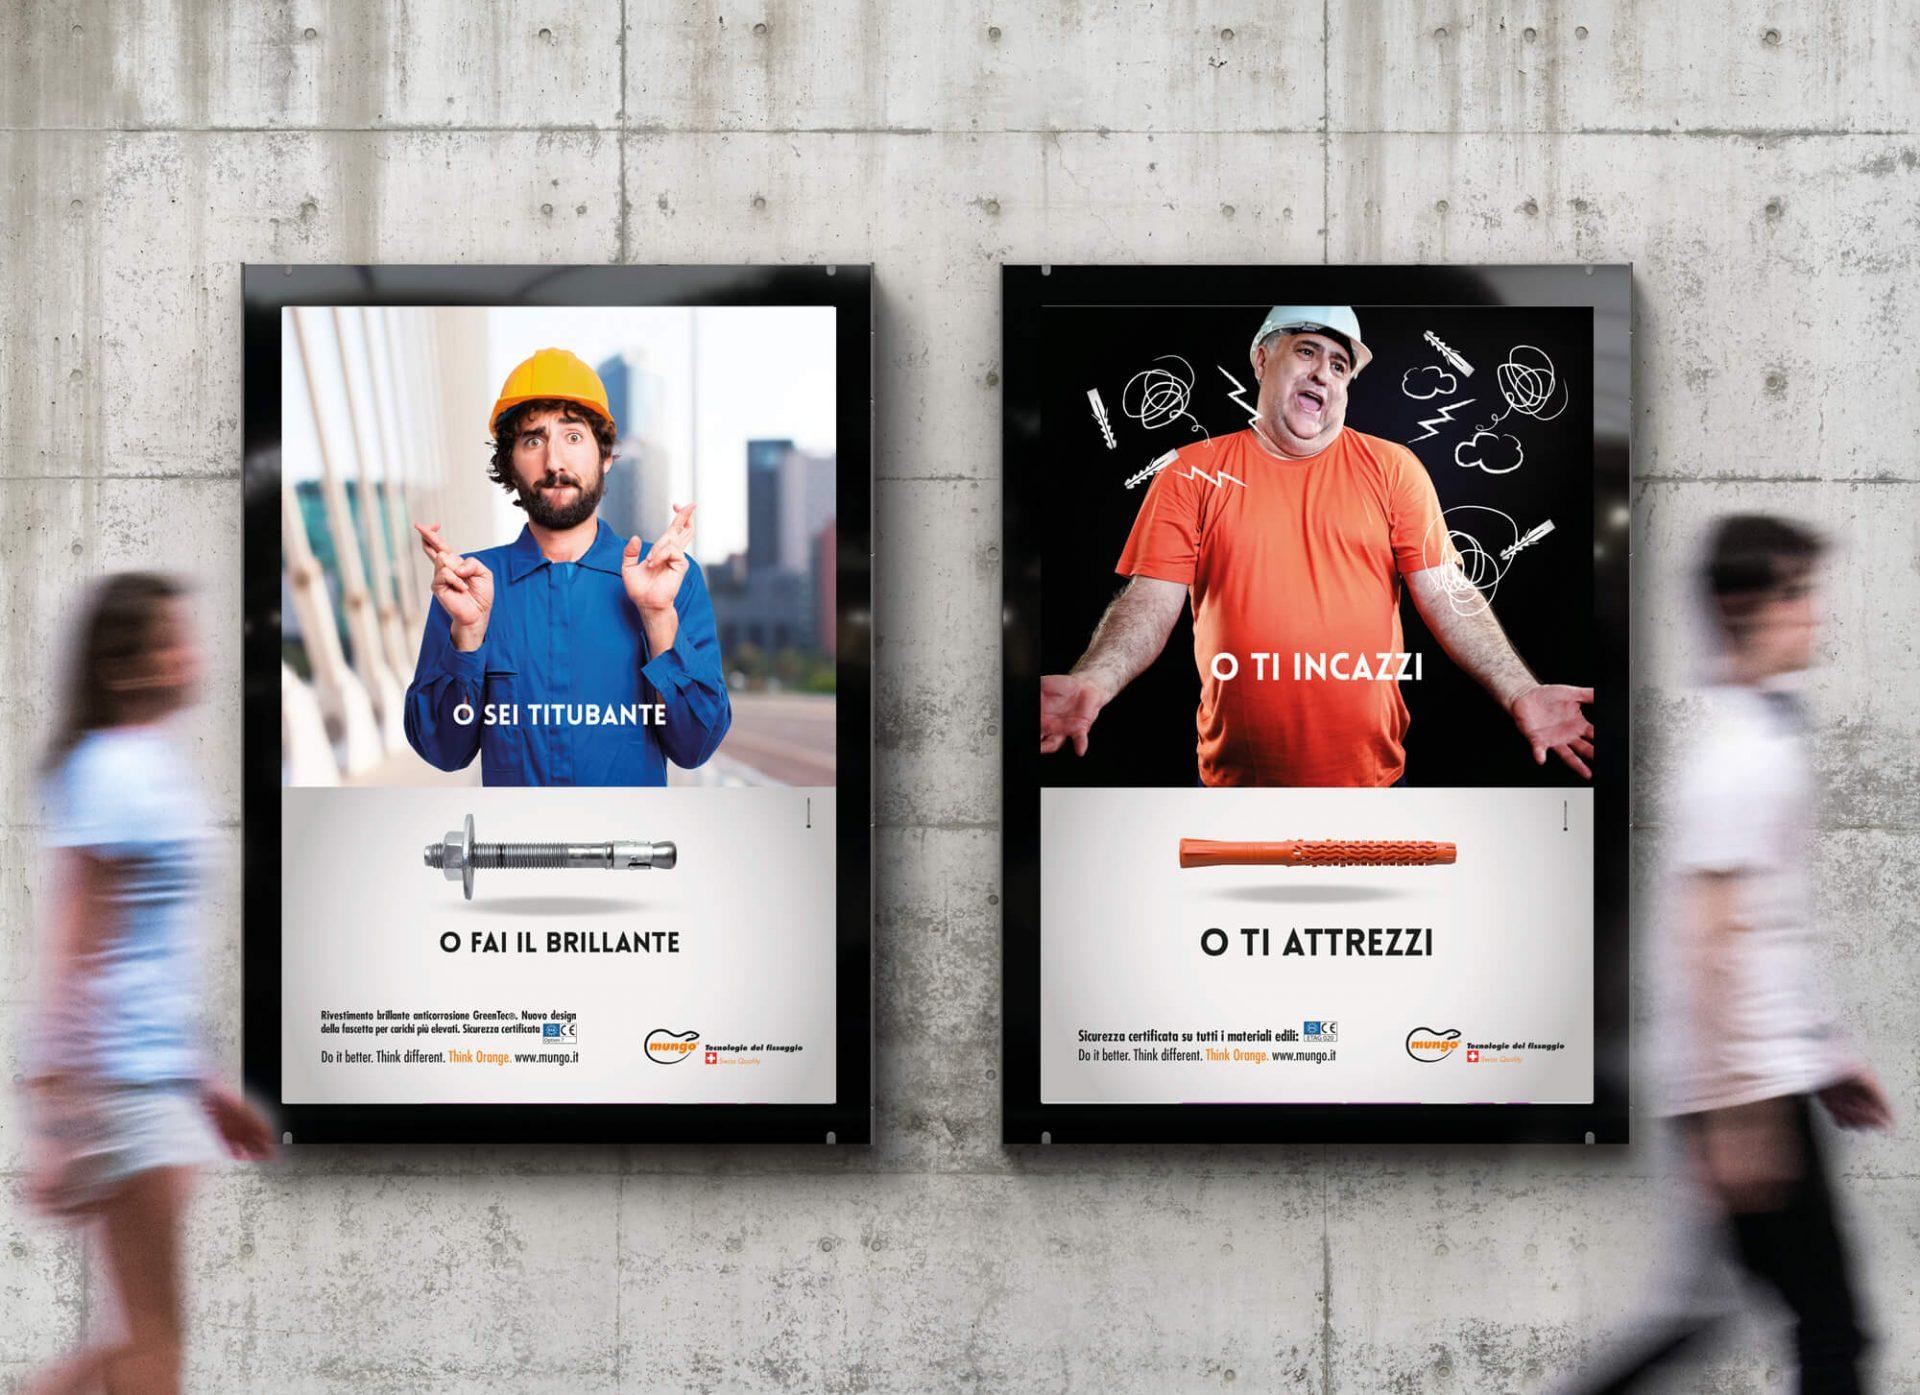 dettaglio affissioni campagna stampa mungo italia, curata dalla agenzia di comunicazione diade studio arco di trento